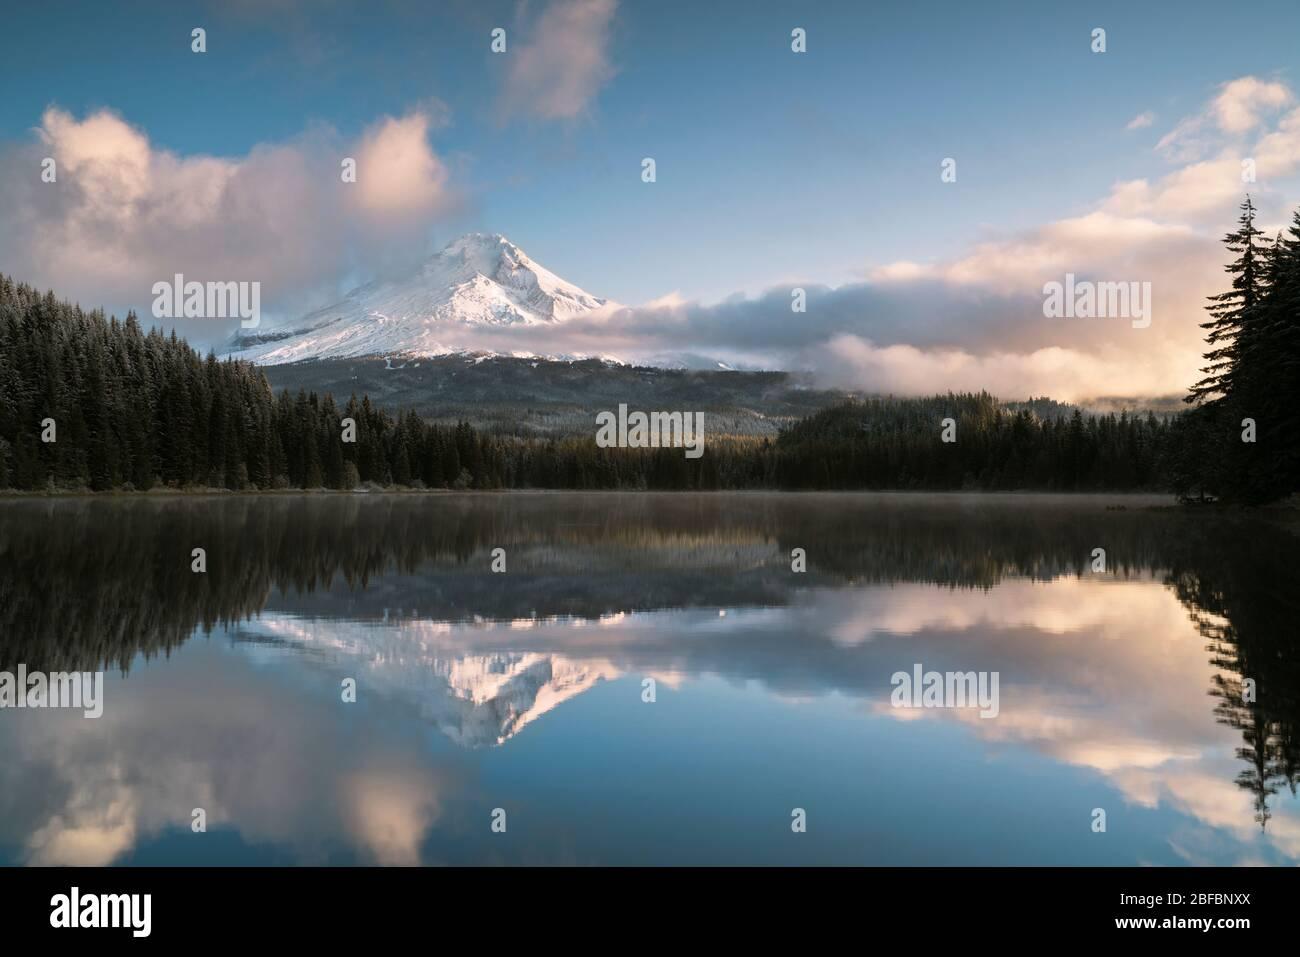 Les nuages se brisent tôt le matin, révélant une neige fraîche d'automne sur le Mt Hood de l'Oregon qui se reflète dans le lac Trillium. Banque D'Images